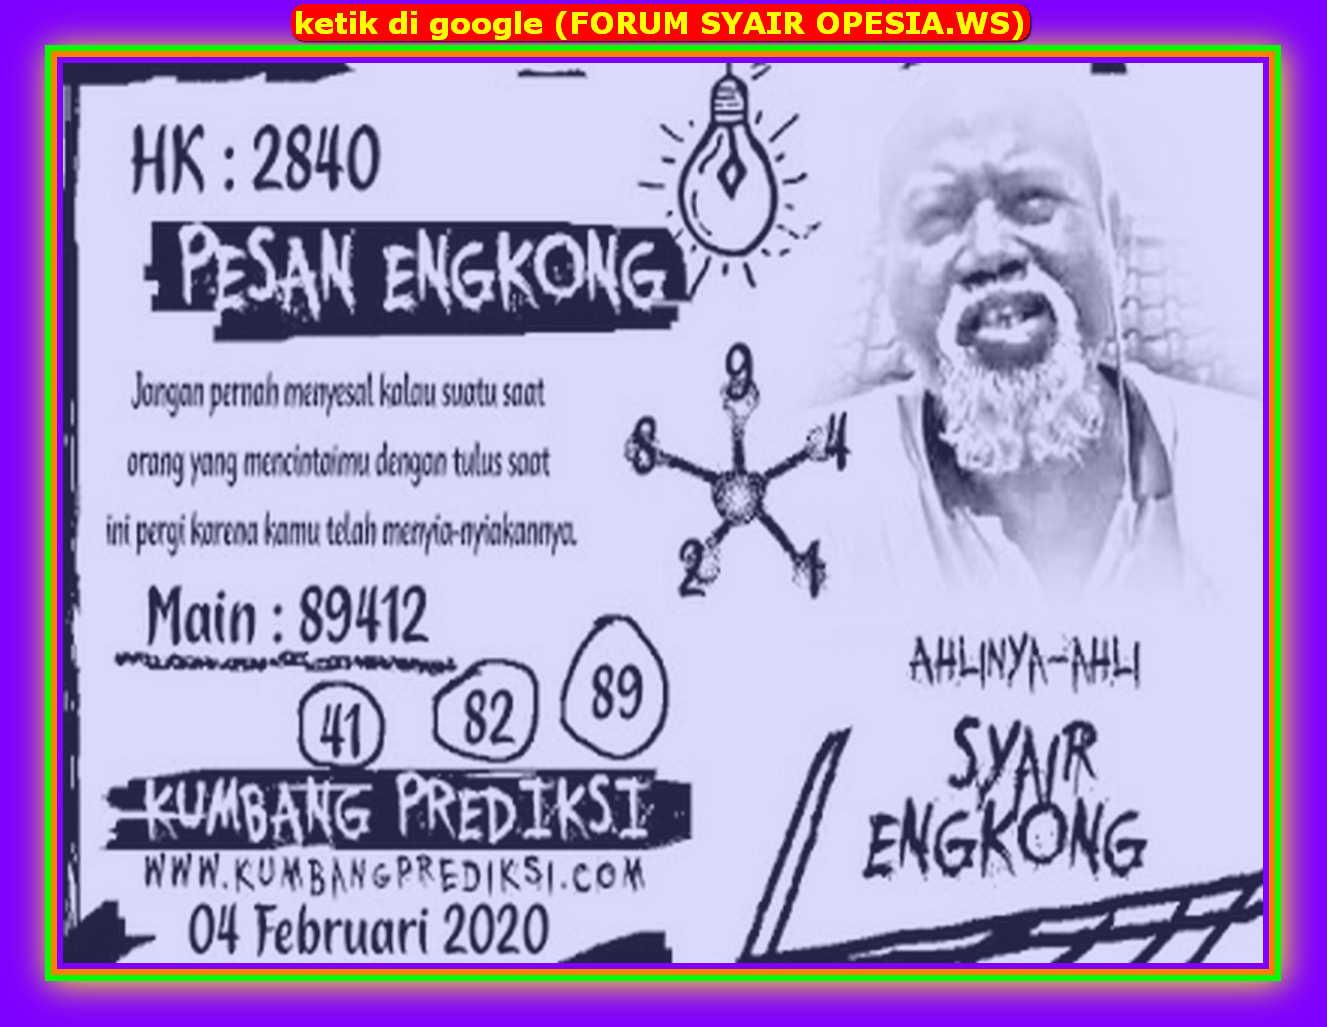 Kode syair Hongkong Selasa 4 Februari 2020 167